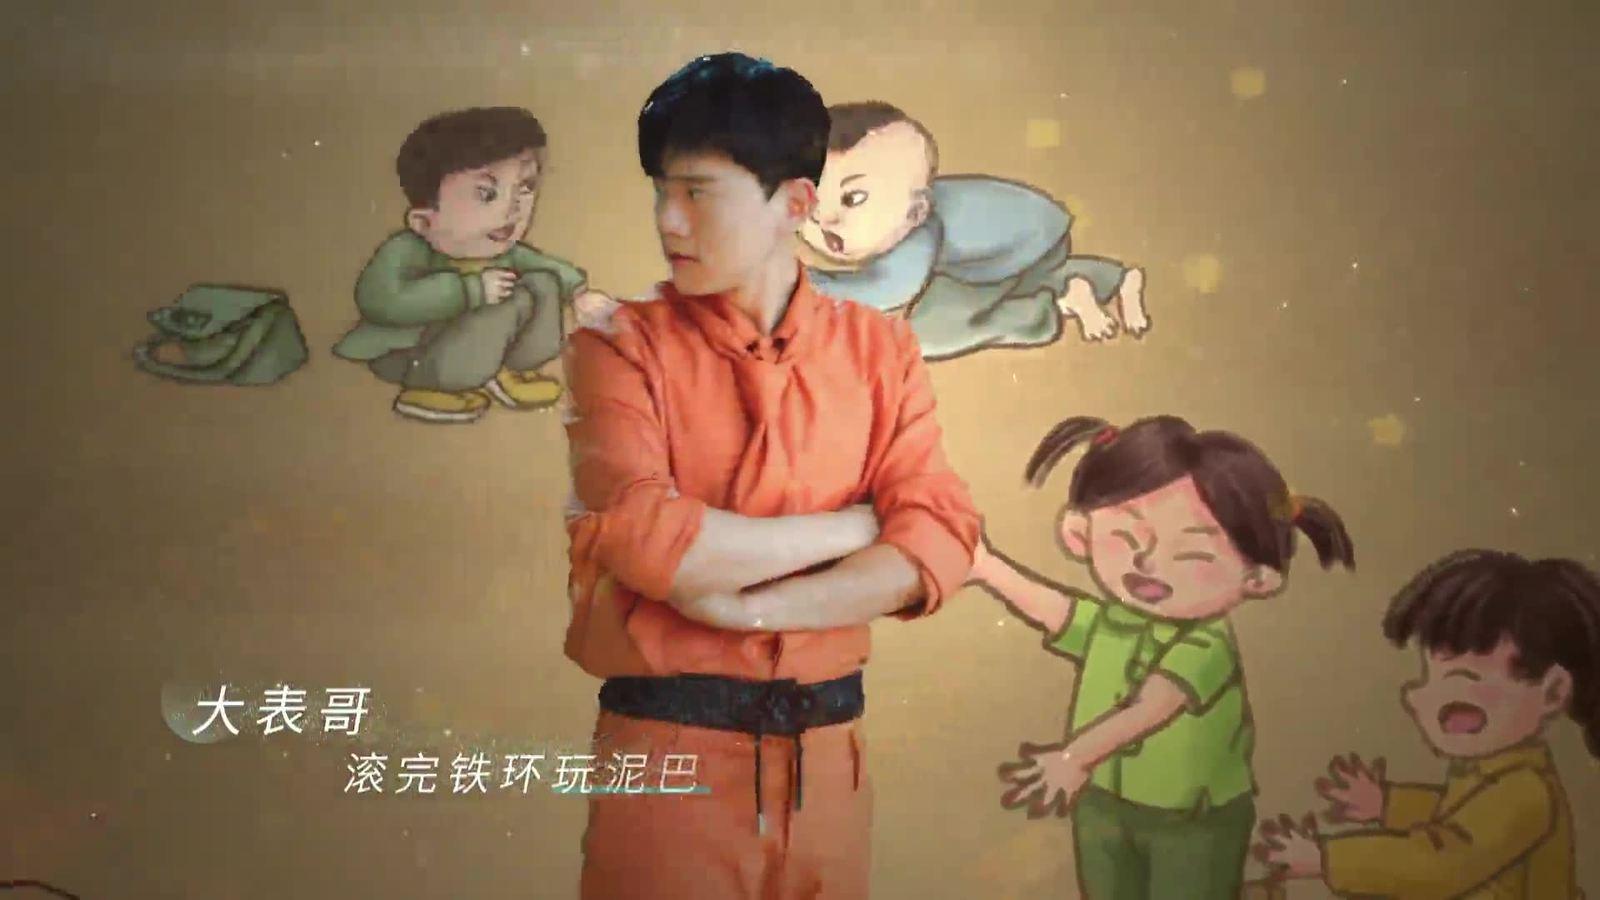 中国梦歌曲《亲戚》MV